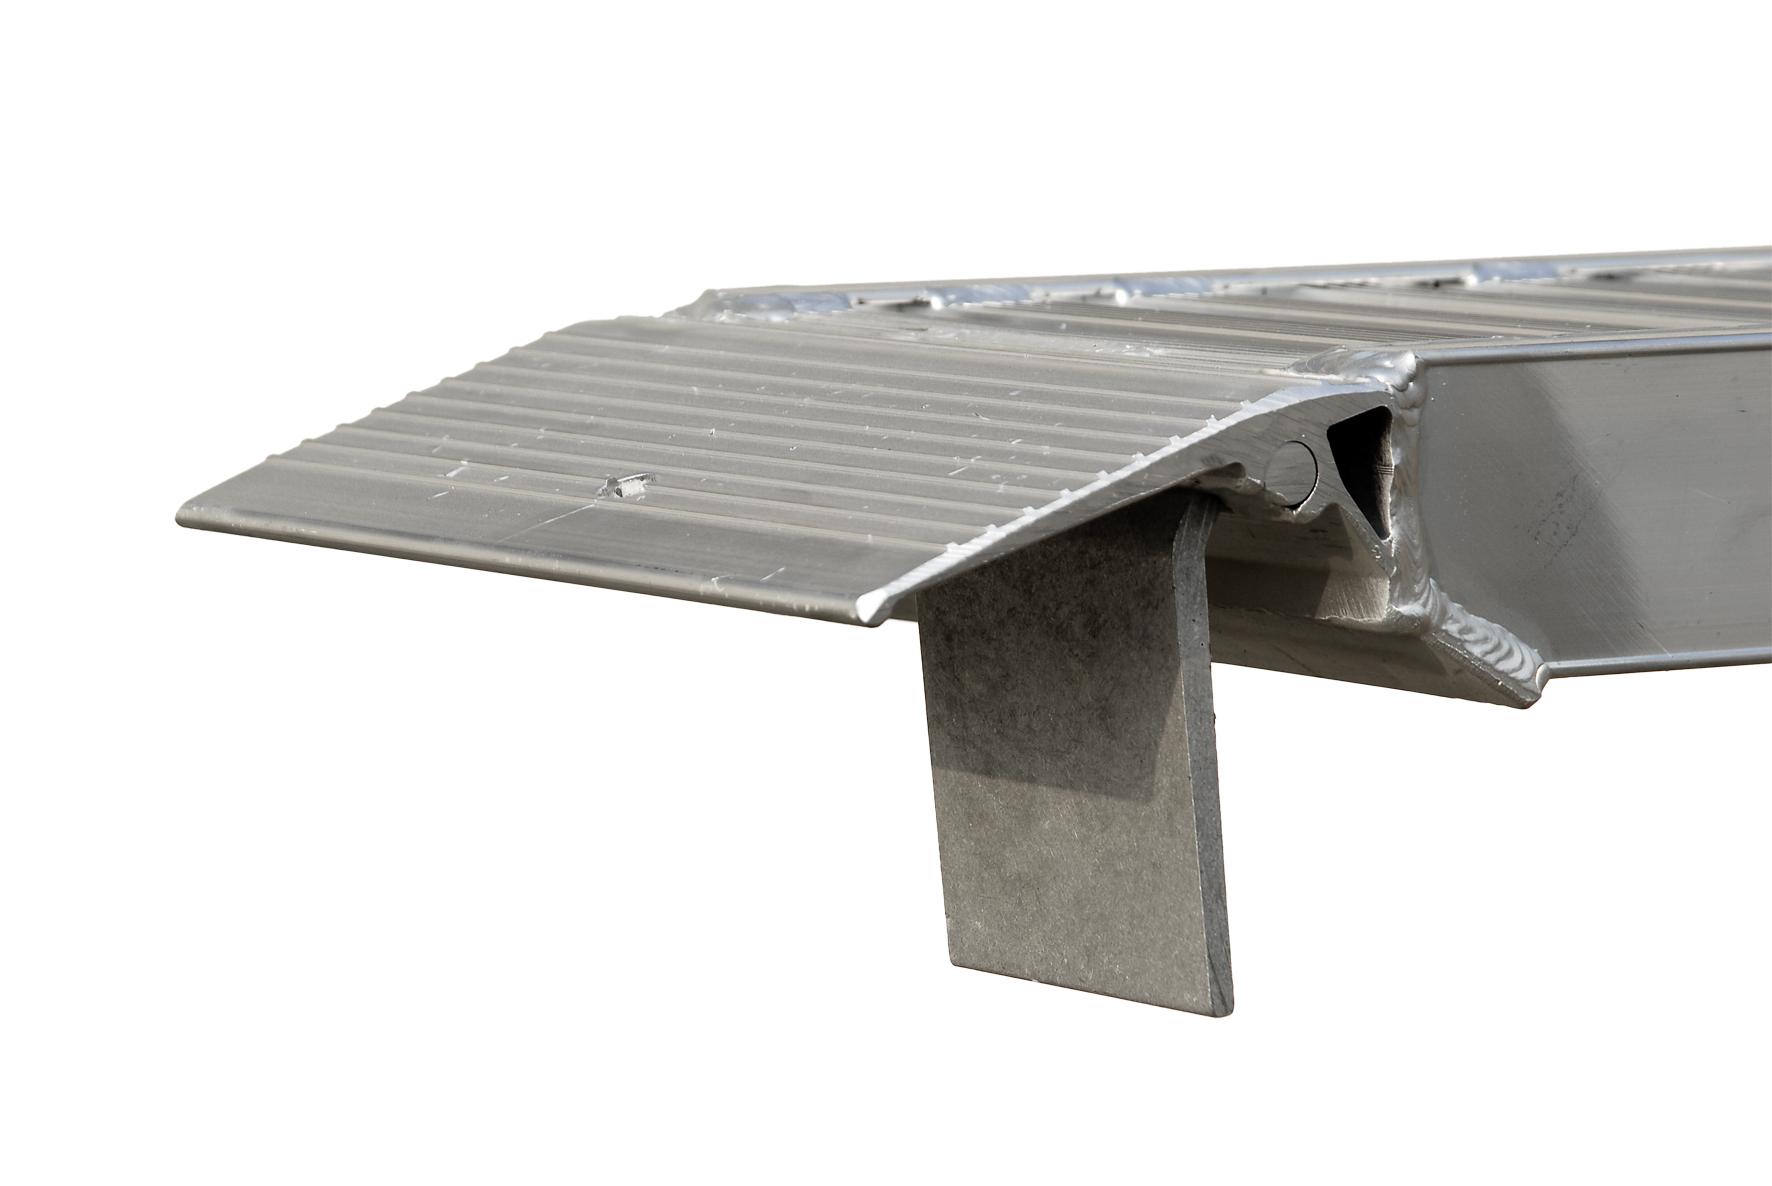 alu auffahrrampe l nge 3500mm tragkraft 3500 kg paar g nstig. Black Bedroom Furniture Sets. Home Design Ideas